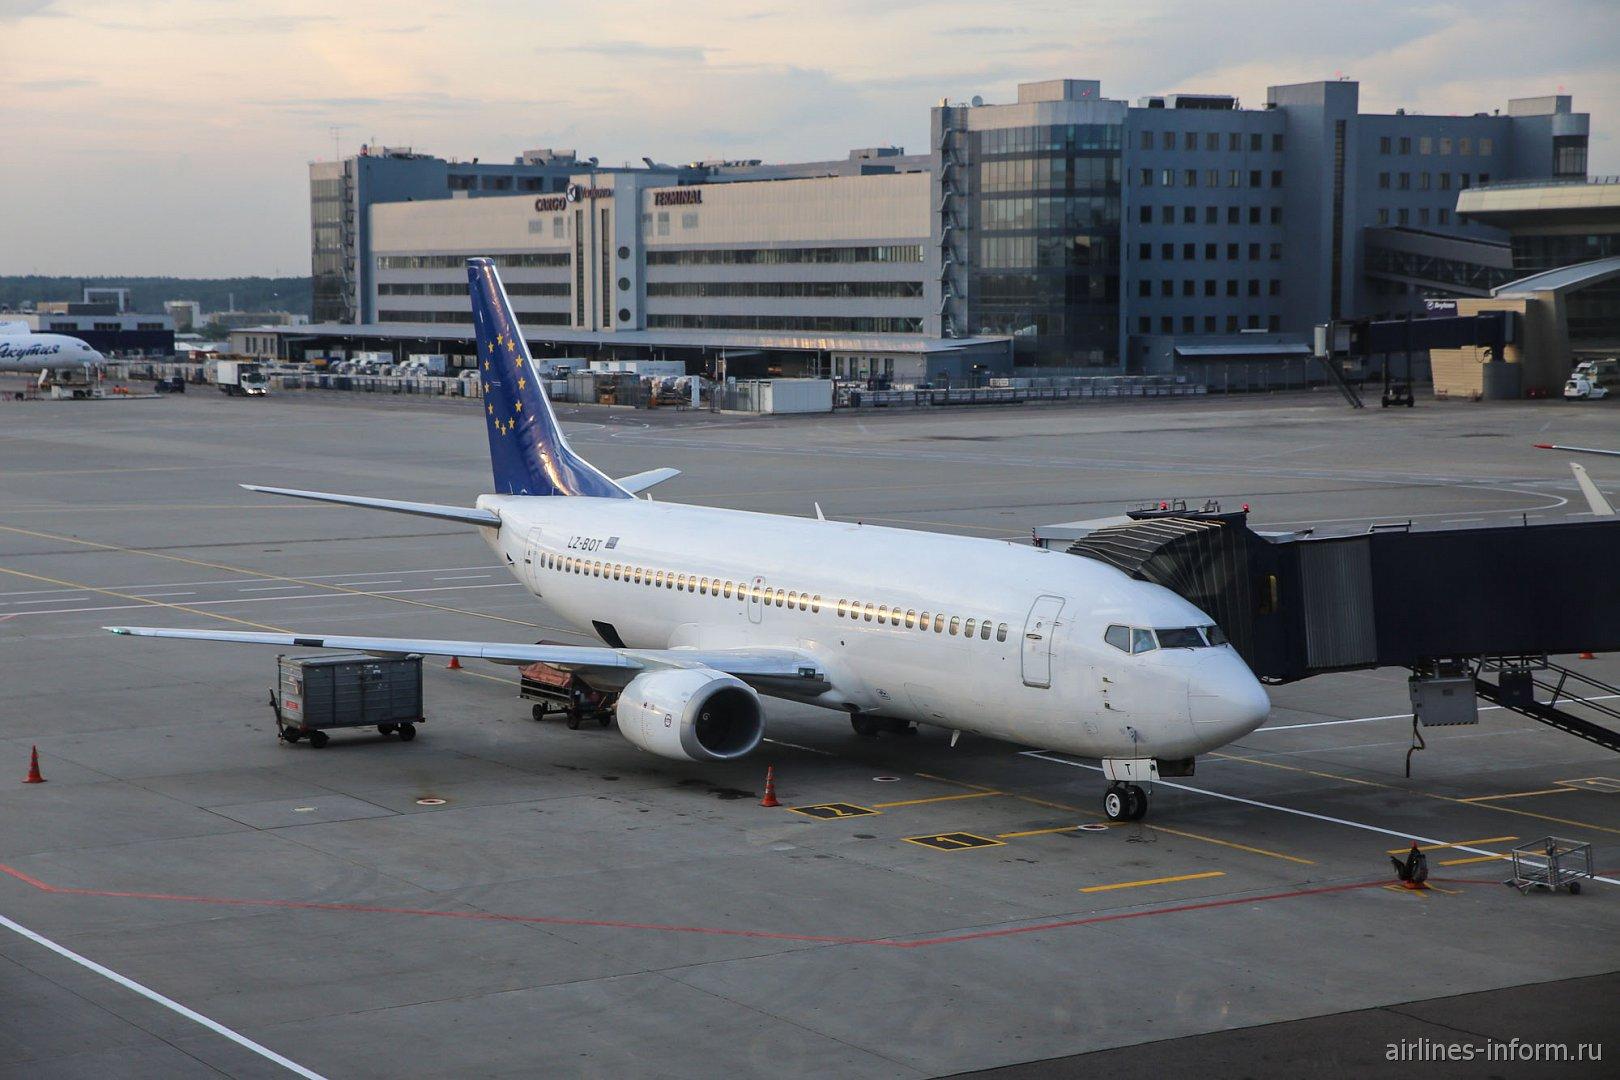 Боинг-737-300 LZ-BOT авиакомпании Bul Air в аэропорту Внуково